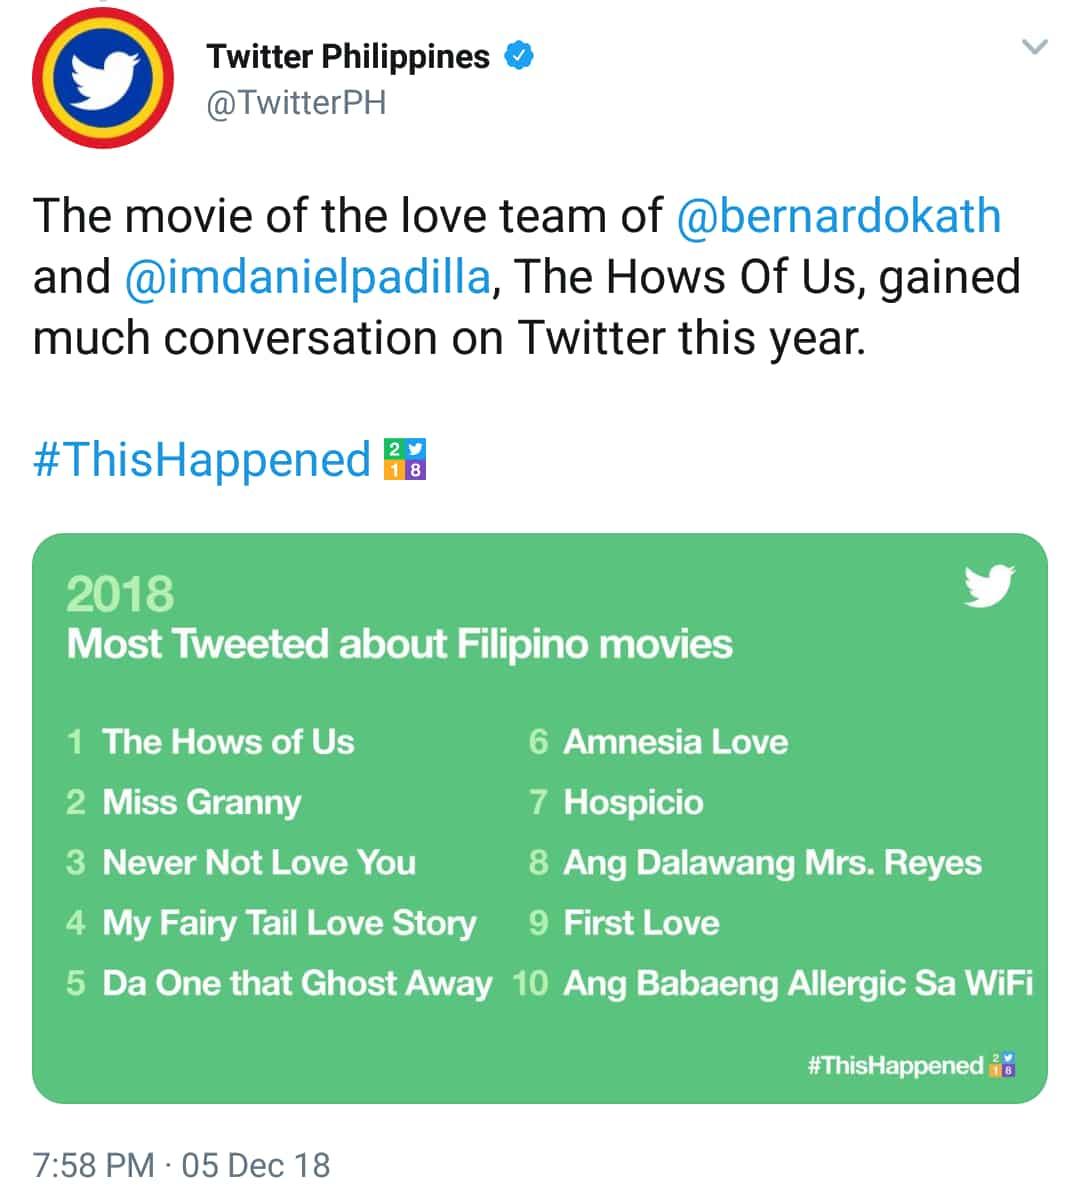 Twitter, inilabas na ang listahan ng mga Pinoy celebrities na kabilang sa 'Most Tweeted' para sa taong 2018